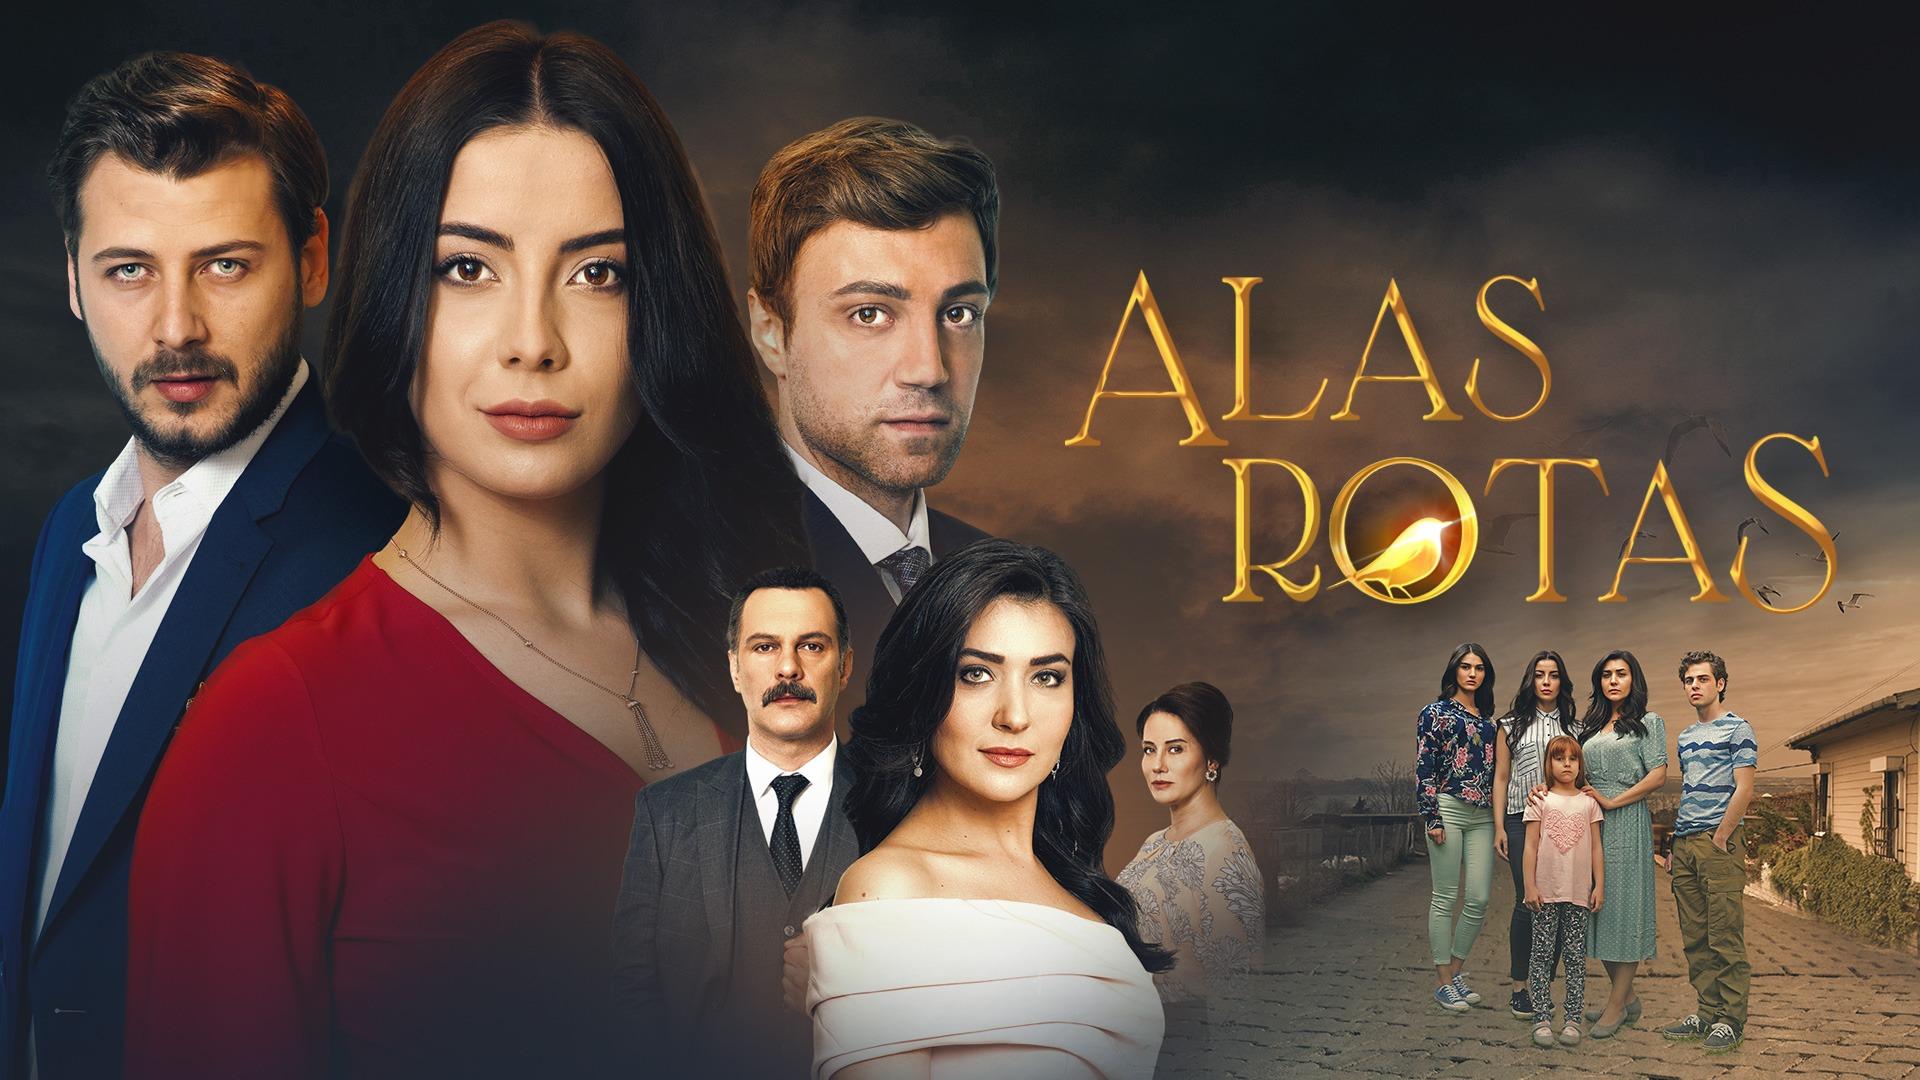 Poster-Alas-Rotas.jpg